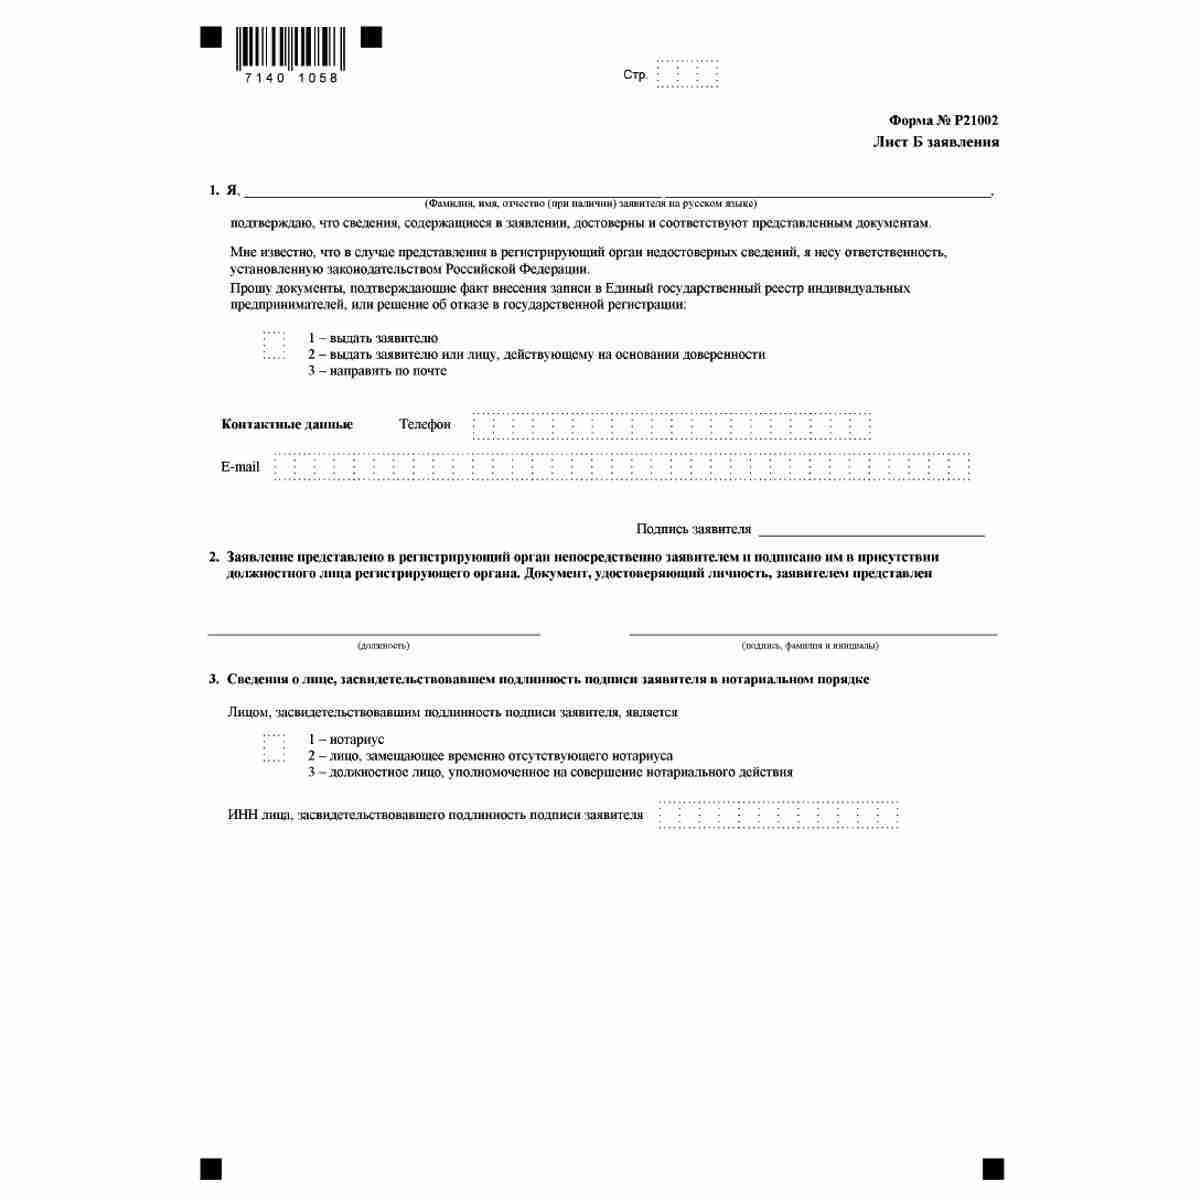 """Форма №Р21002 """"Заявление о государственной регистрации крестьянского (фермерского) хозяйства"""" (КНД 1112505). Лист Б"""